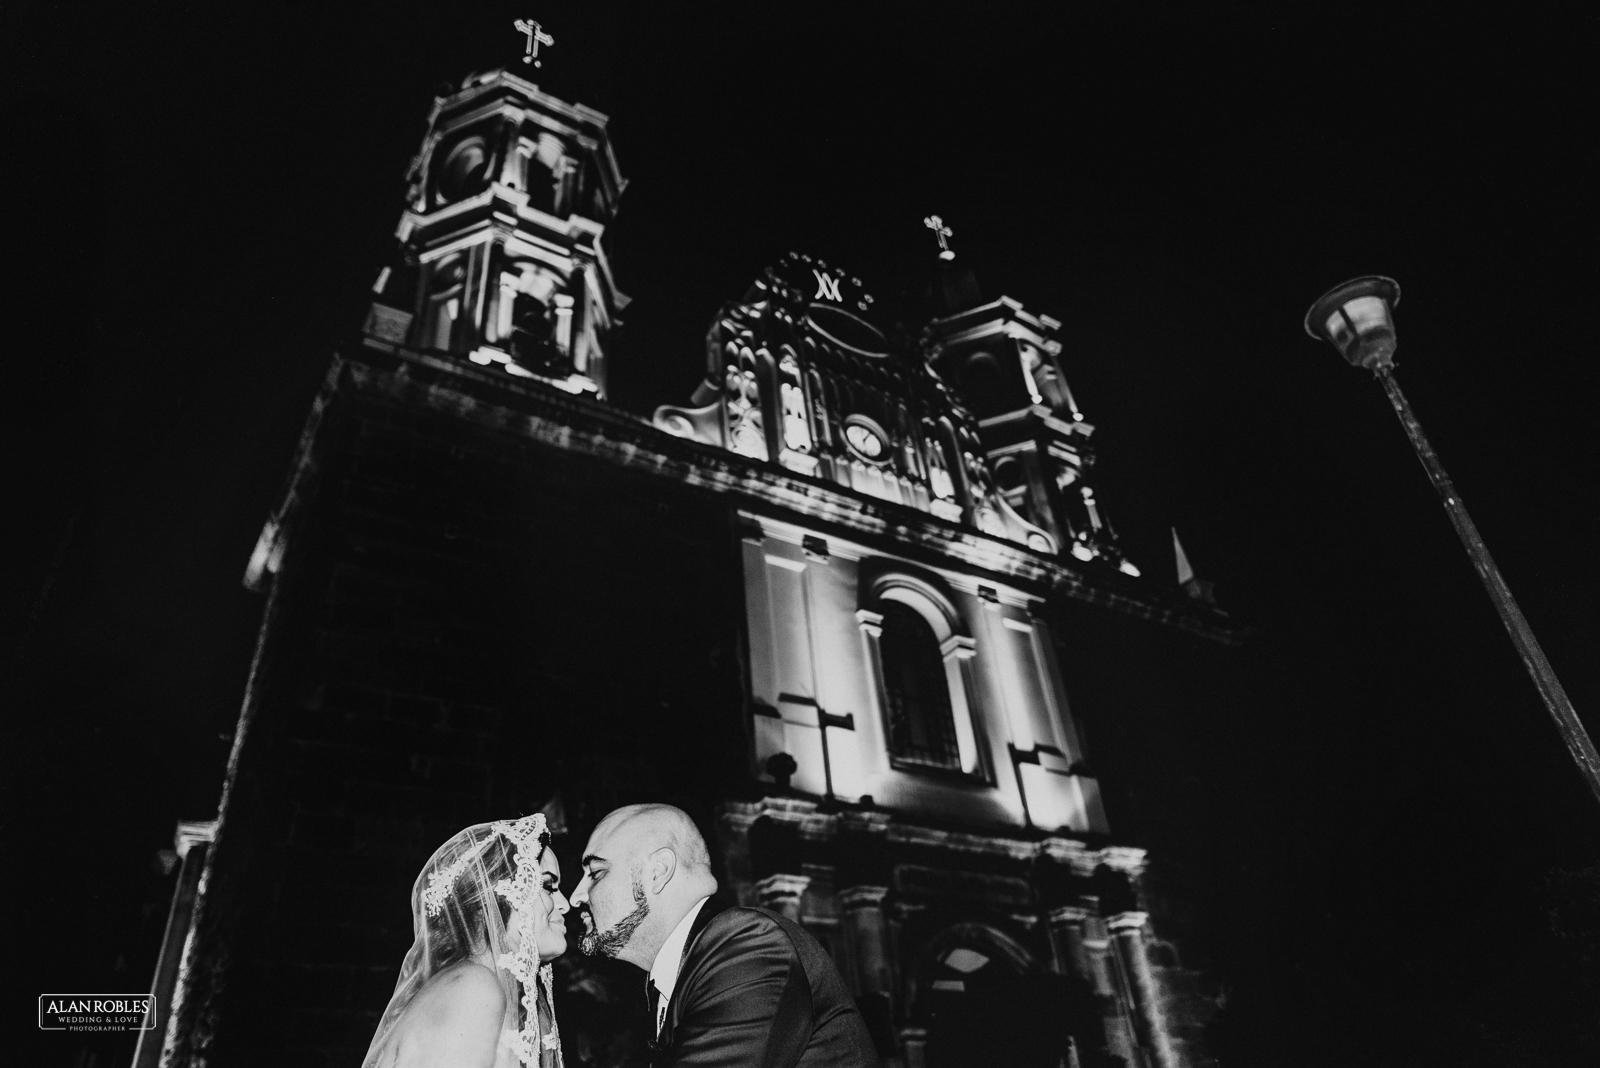 Fotografo de Bodas en Guadalara Alan Robles - Boda en Tlaquepaque Centro historico - Santuario de nuestra señora de la soledad